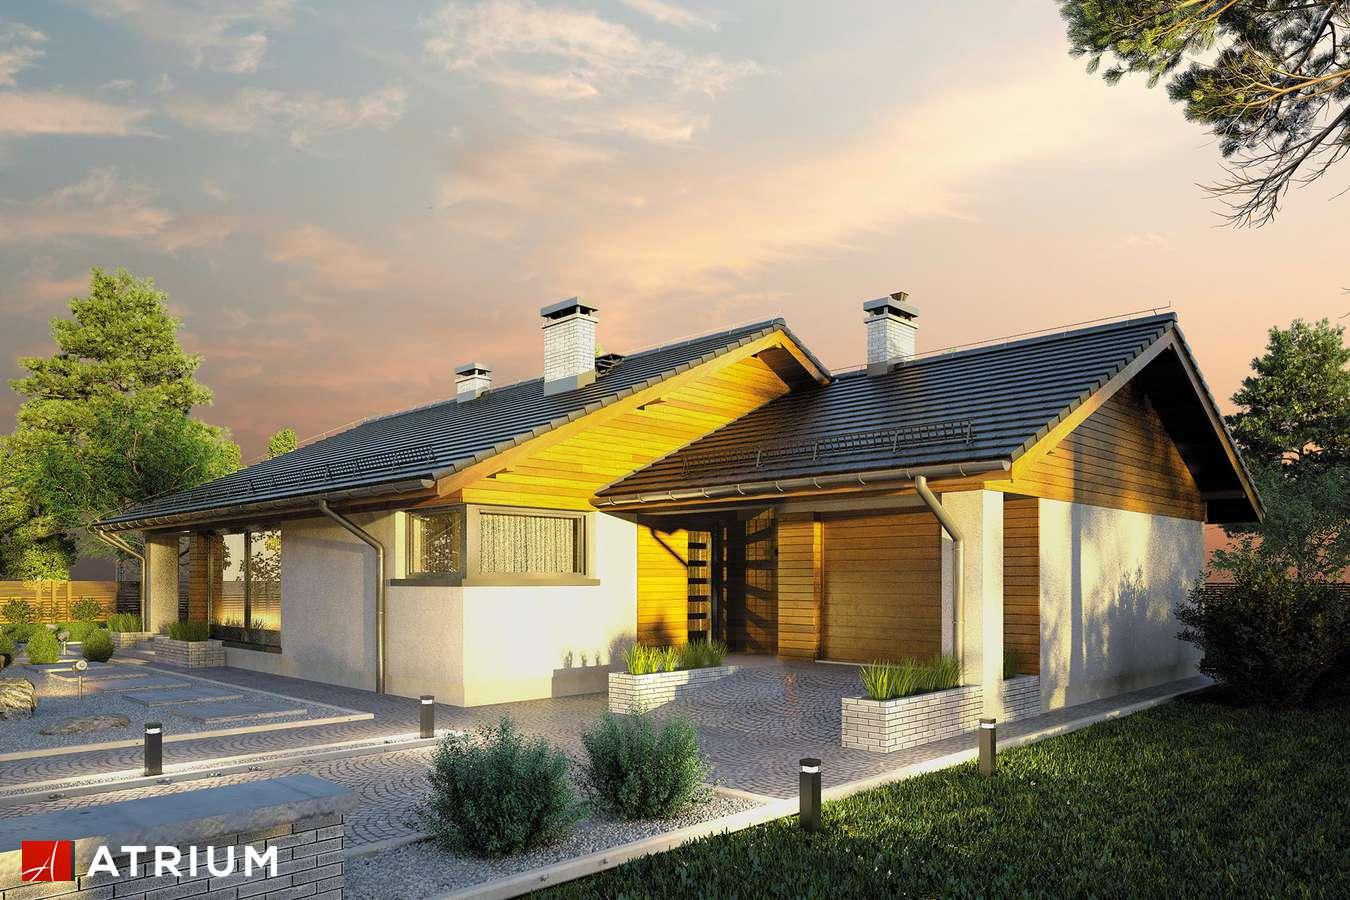 Projekty domów - Projekt domu parterowego KOS - wizualizacja 2